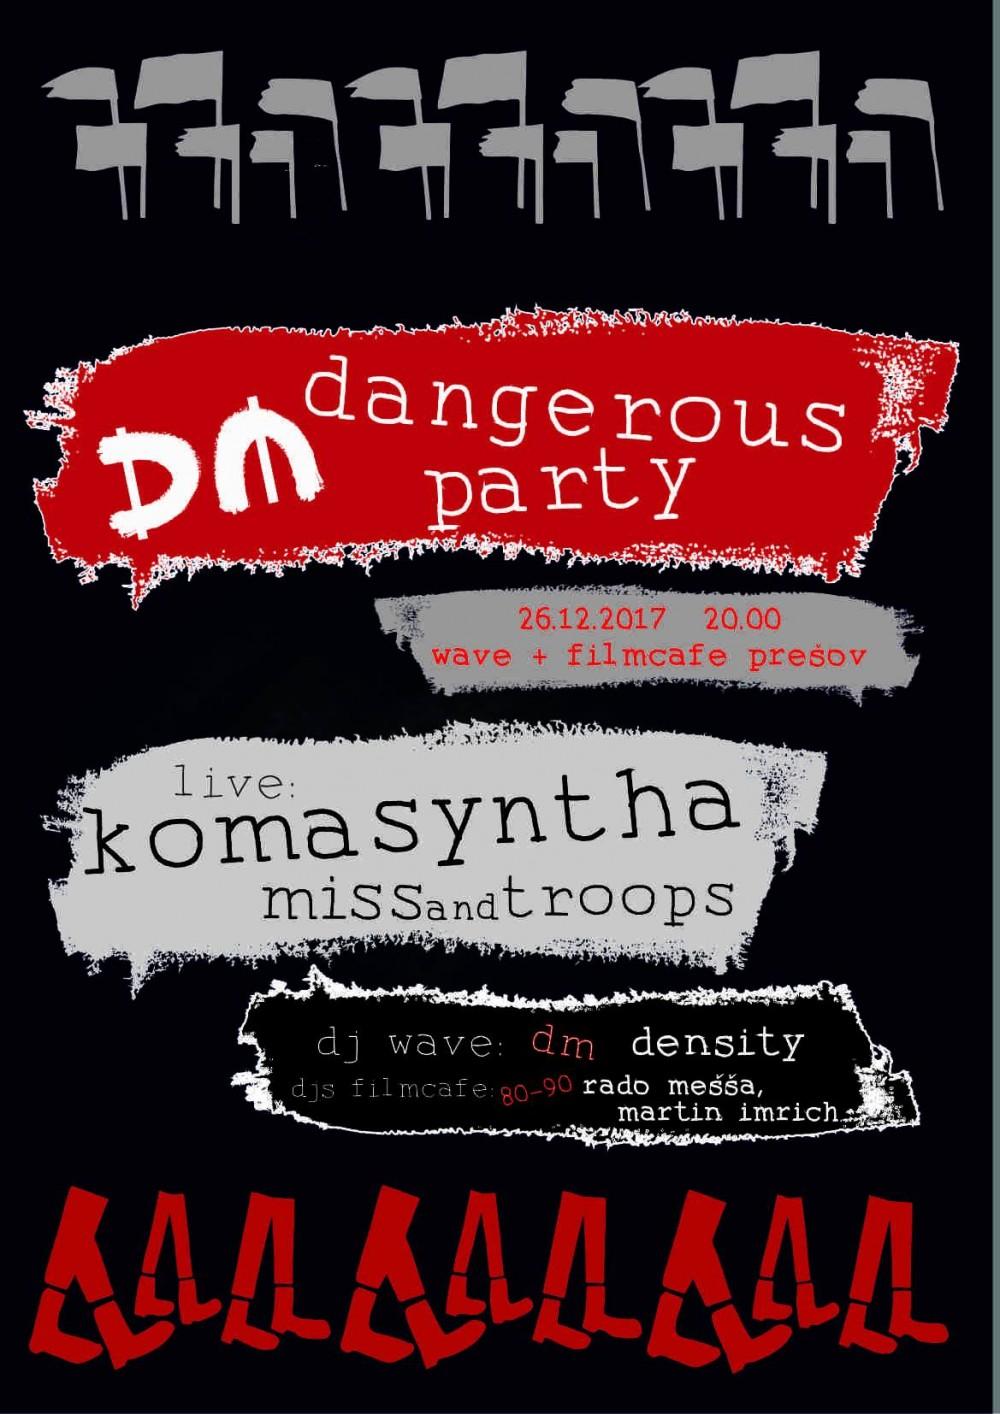 Prešov: Depeche Mode Dangerous Party 2017